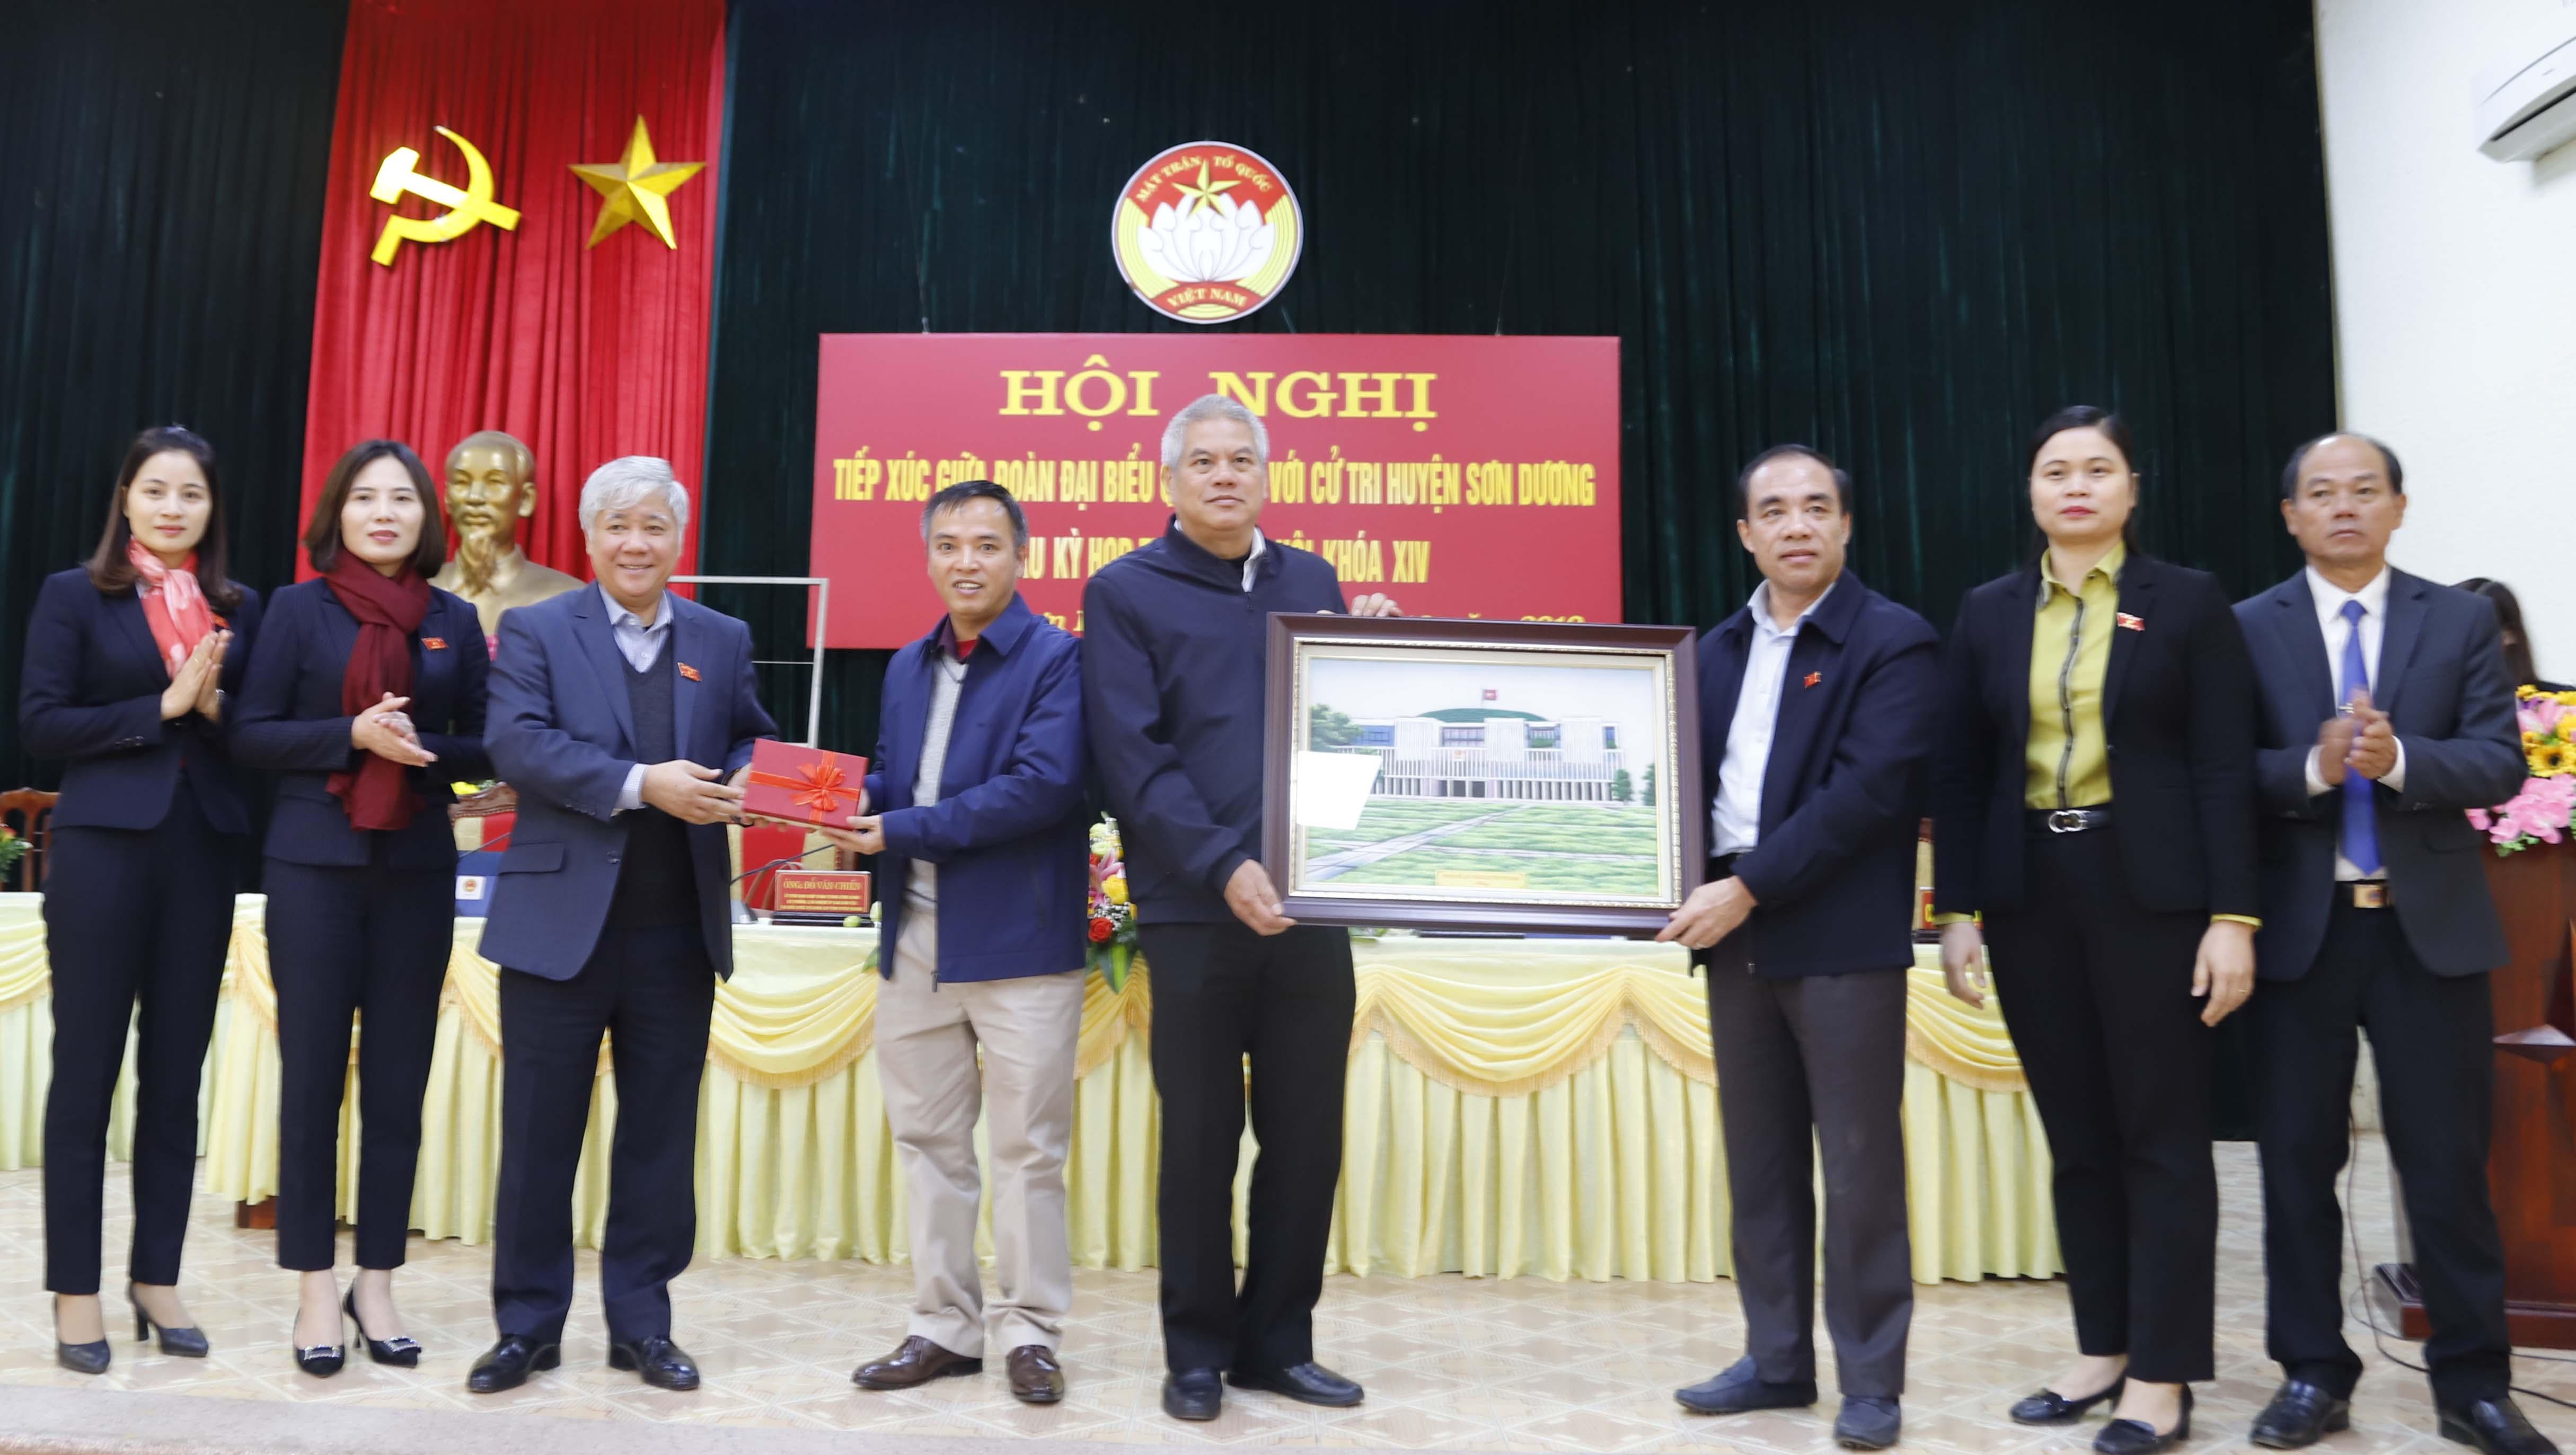 Đoàn ĐBQH tỉnh Tuyên Quang trao tặng bức tranh và 30 triệu đồng cho Quỹ khuyến học huyện Sơn Dương